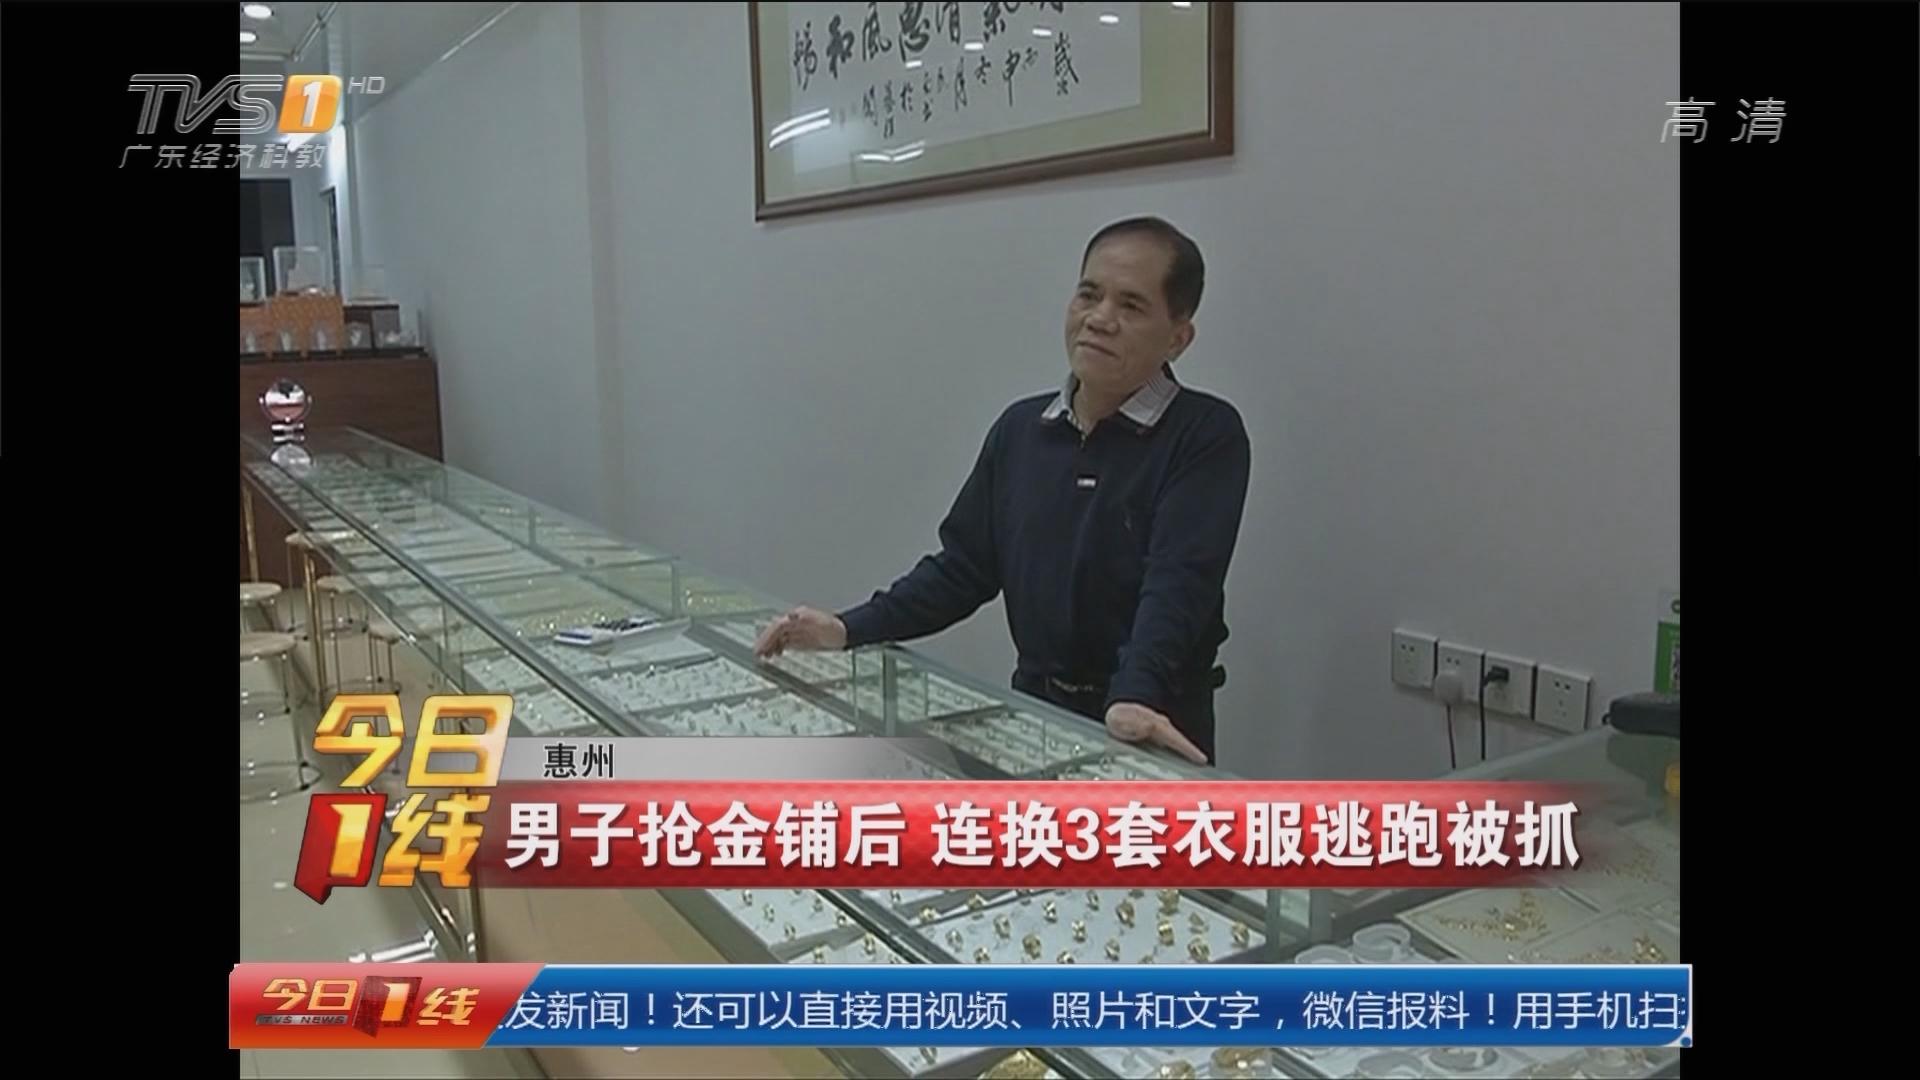 惠州:男子抢金铺后 连换3套衣服逃跑被抓